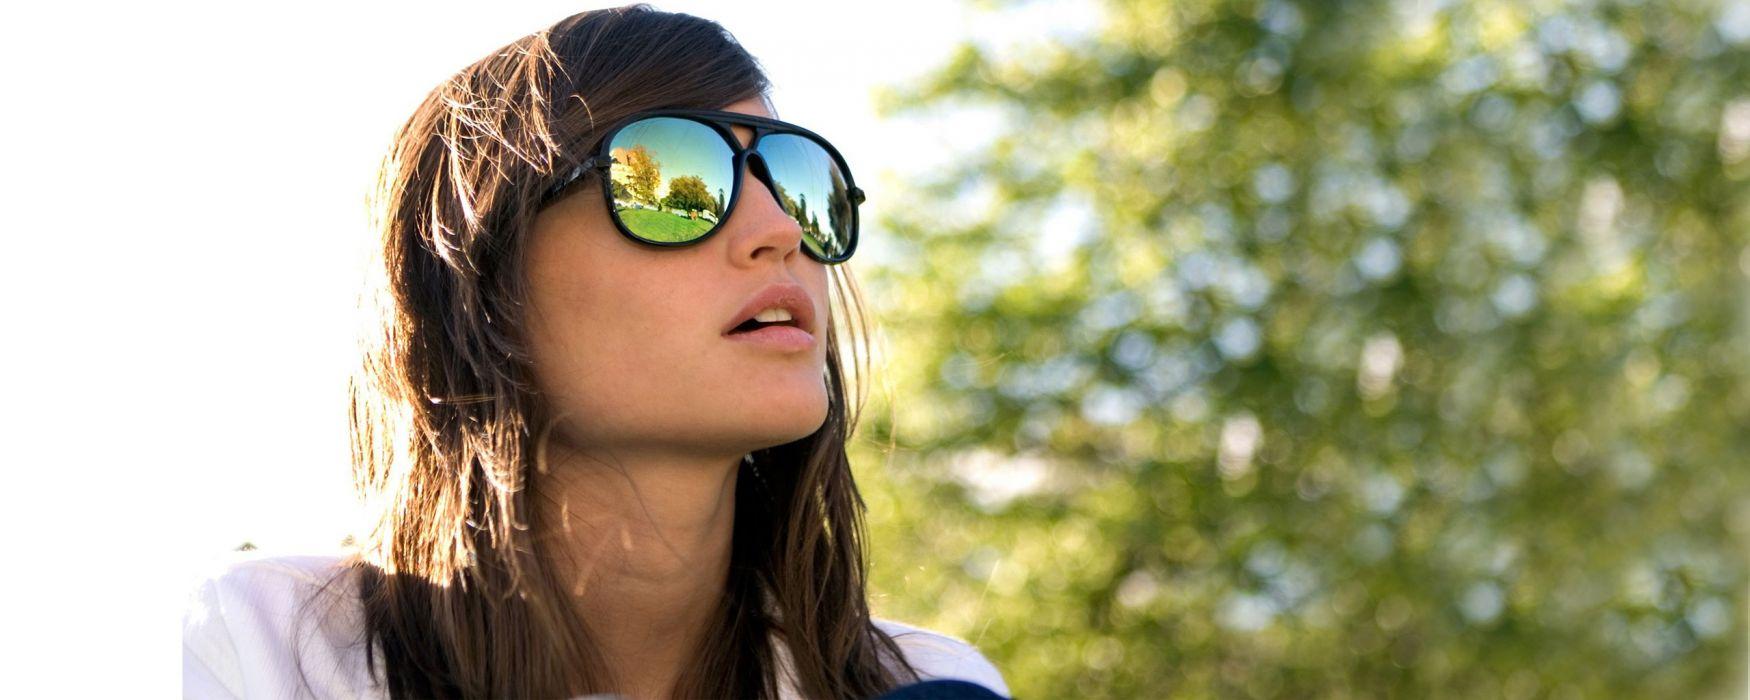 women Sun trees glass glasses summer sunglasses girls with glasses wallpaper